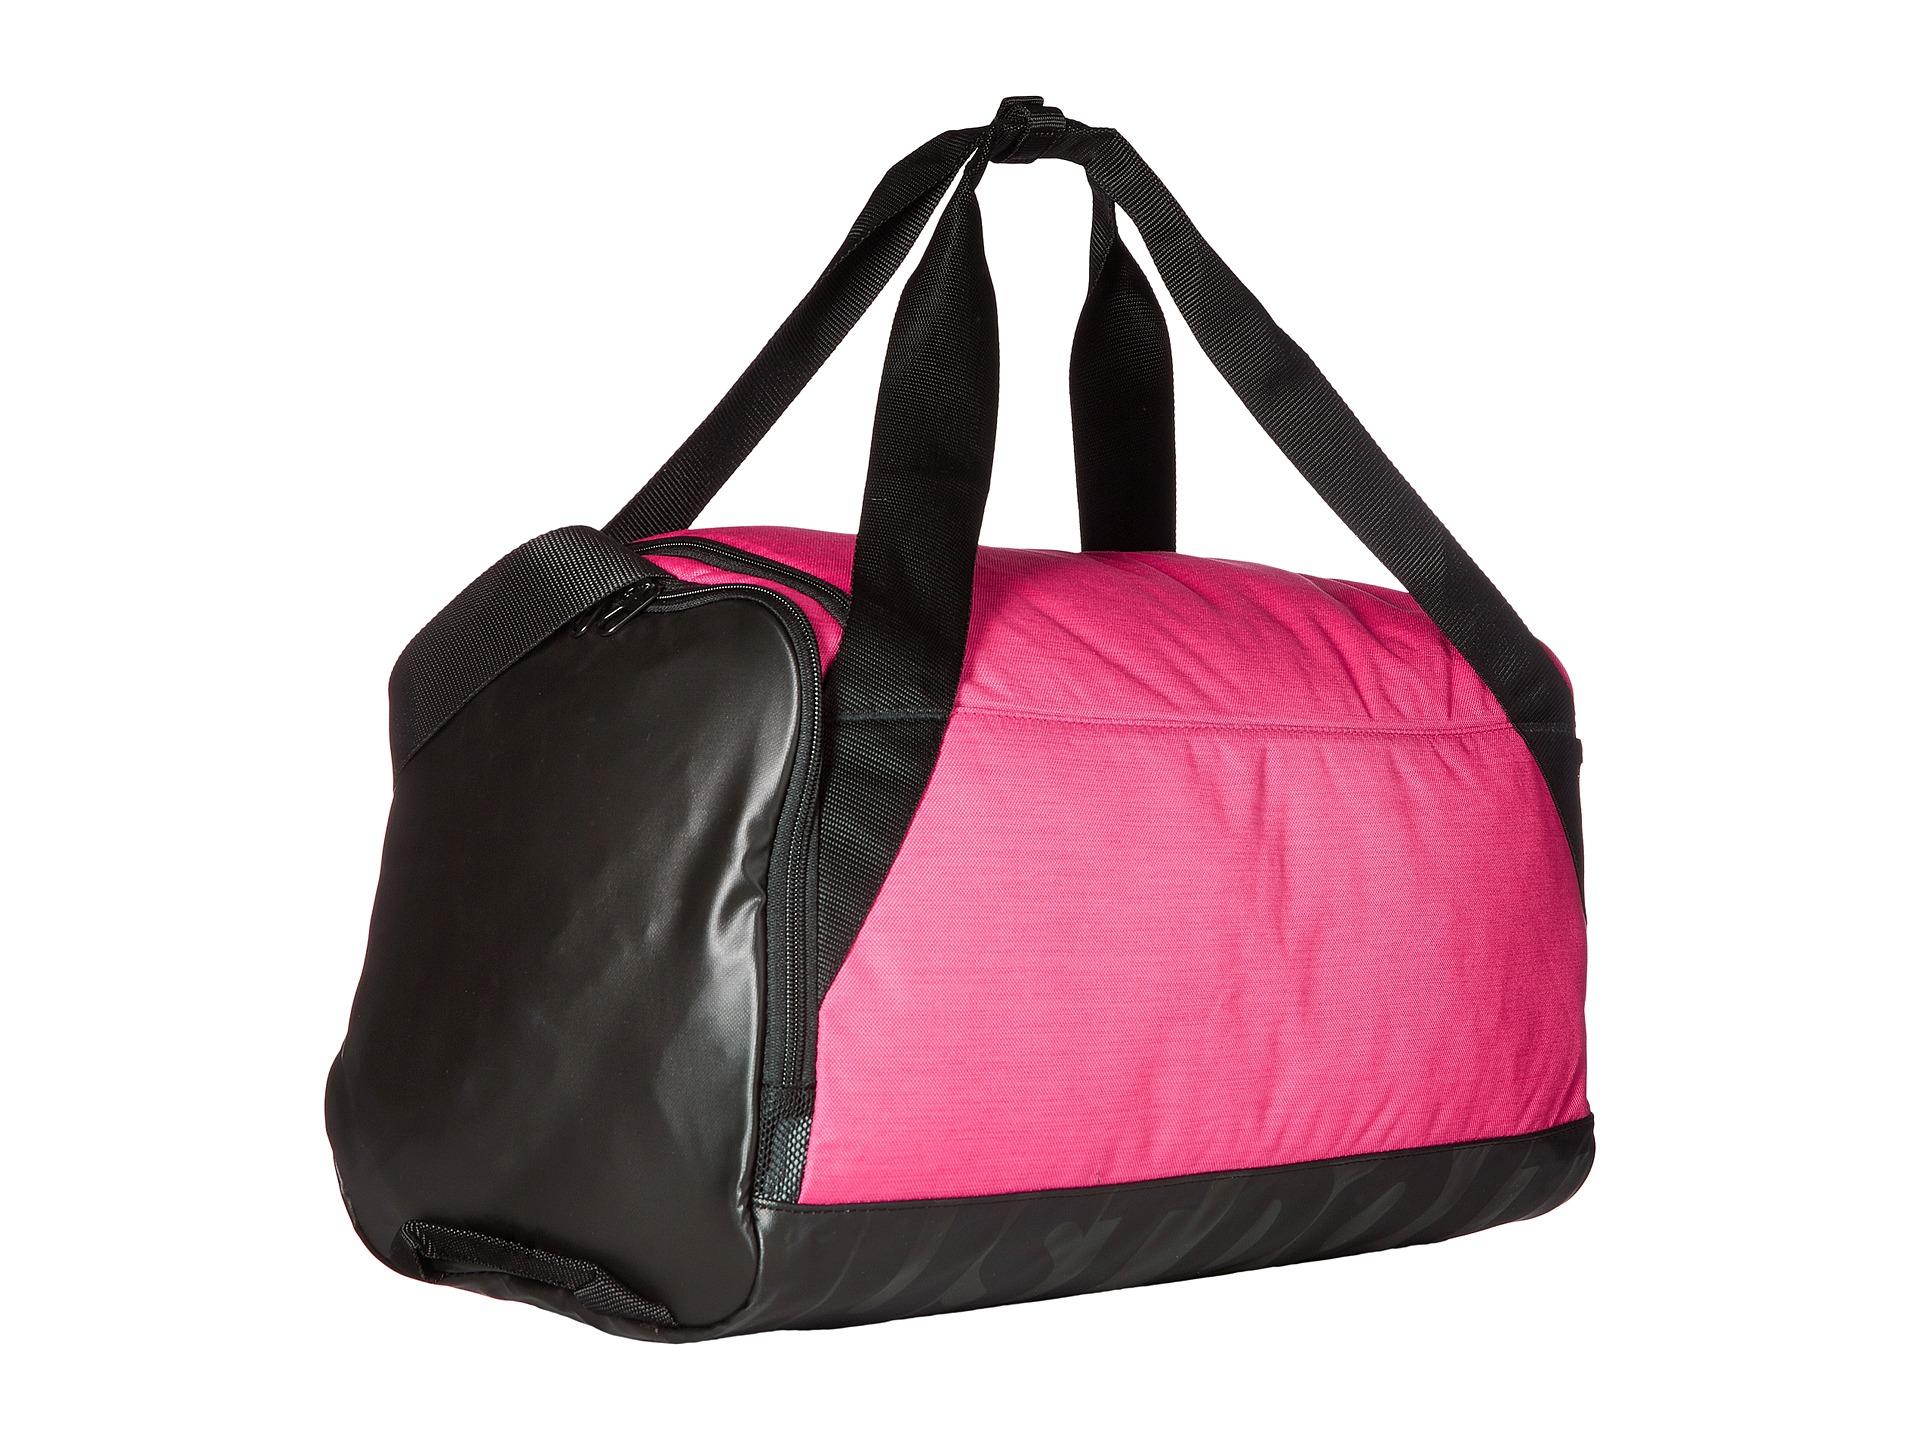 841b544b8fb2 Buy pink nike duffel bag   OFF63% Discounted